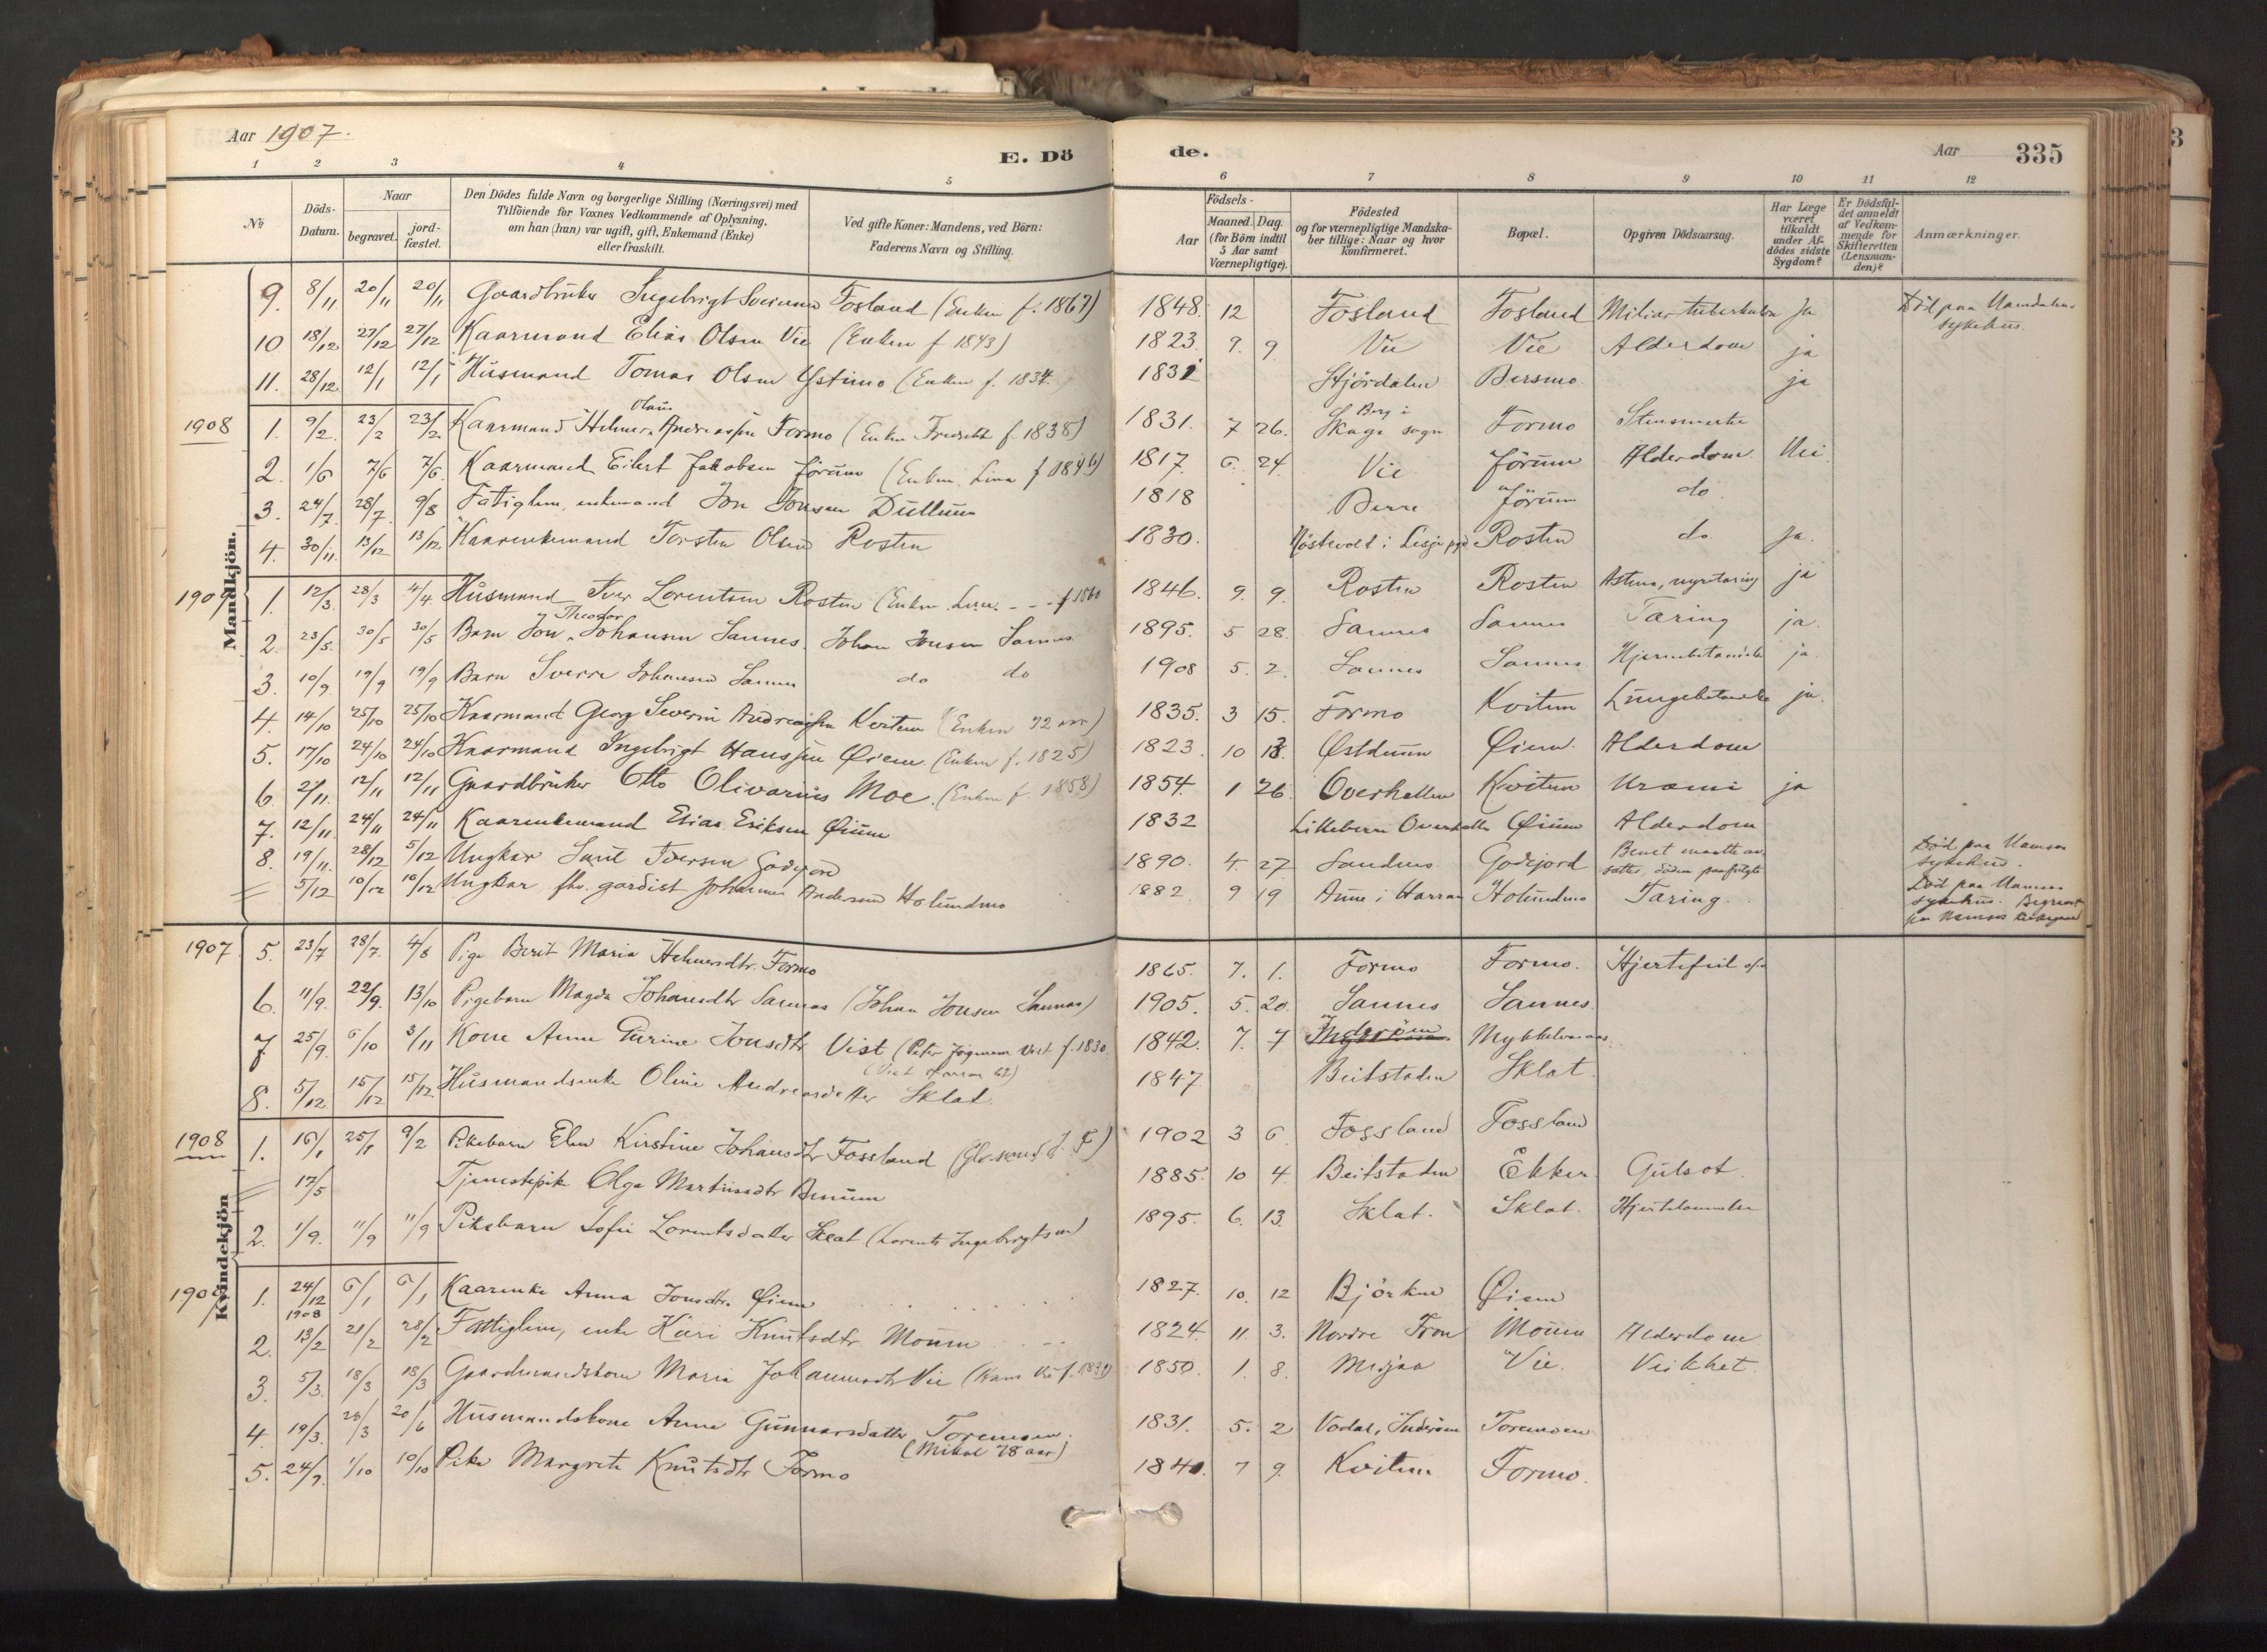 SAT, Ministerialprotokoller, klokkerbøker og fødselsregistre - Nord-Trøndelag, 758/L0519: Ministerialbok nr. 758A04, 1880-1926, s. 335